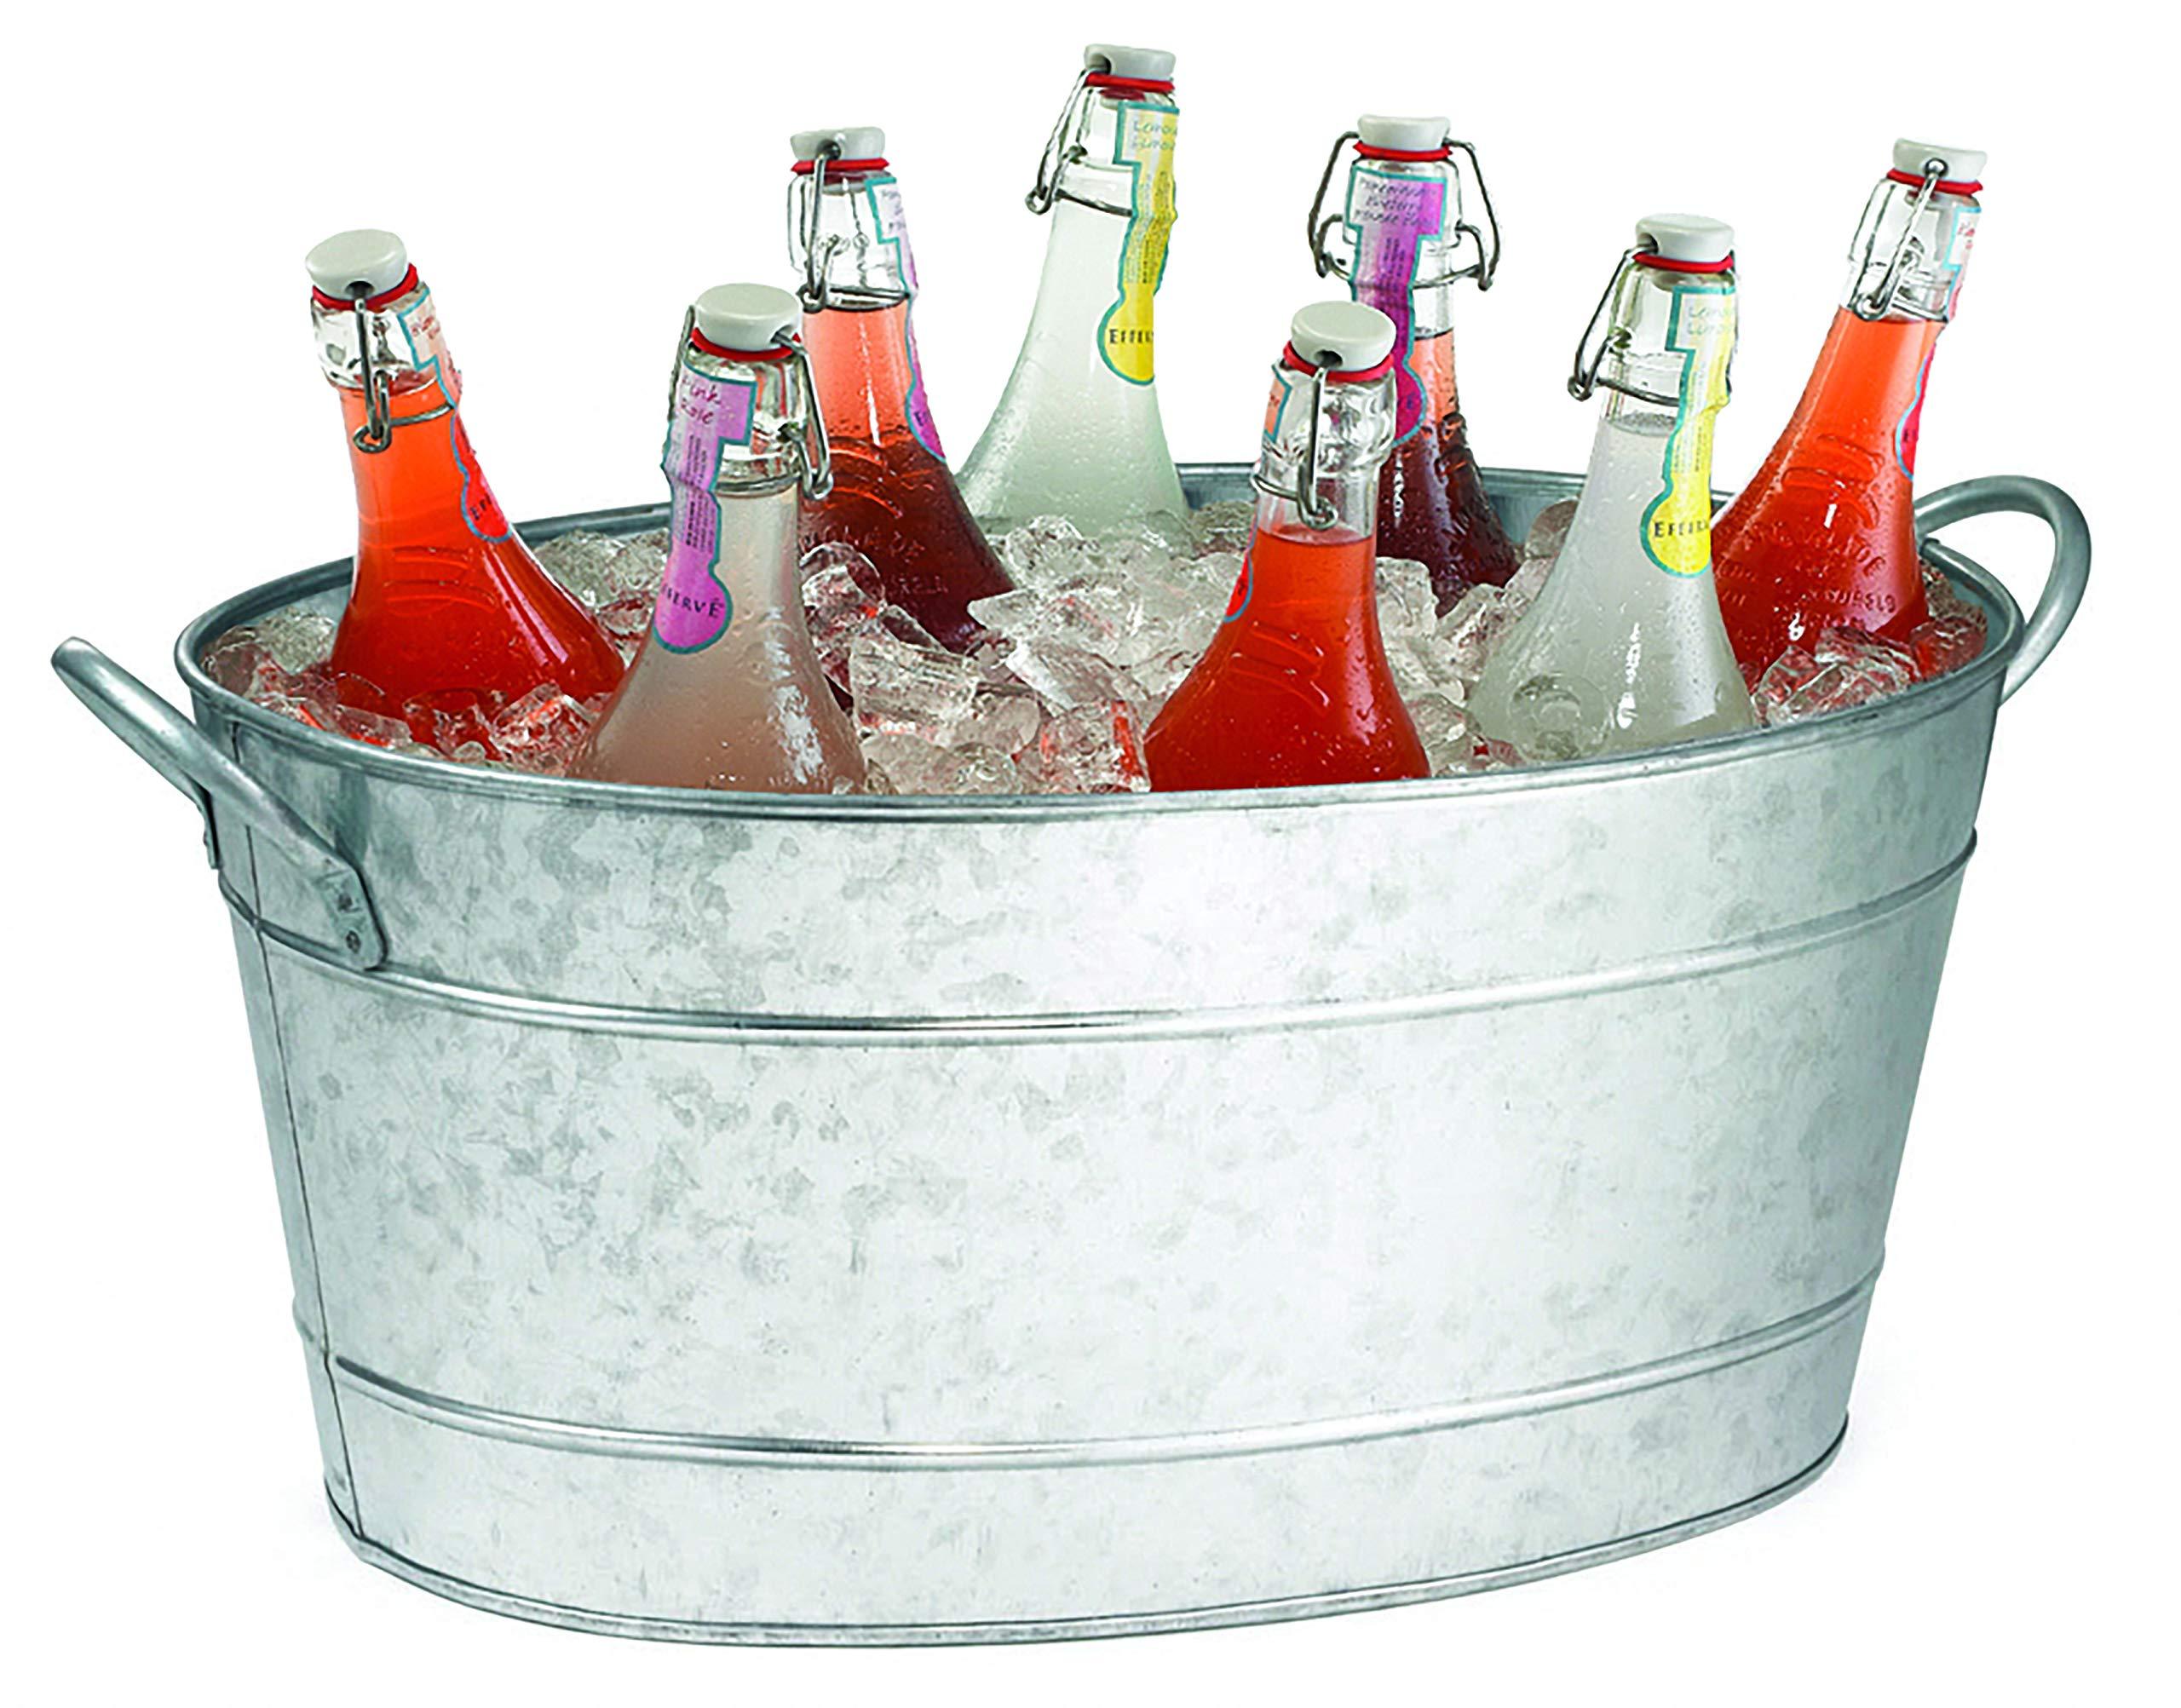 TableCraft HBT1914 Galvanized Oval Beverage Tub, 22.8 x 14.5 x 9.5-Inch by Tablecraft